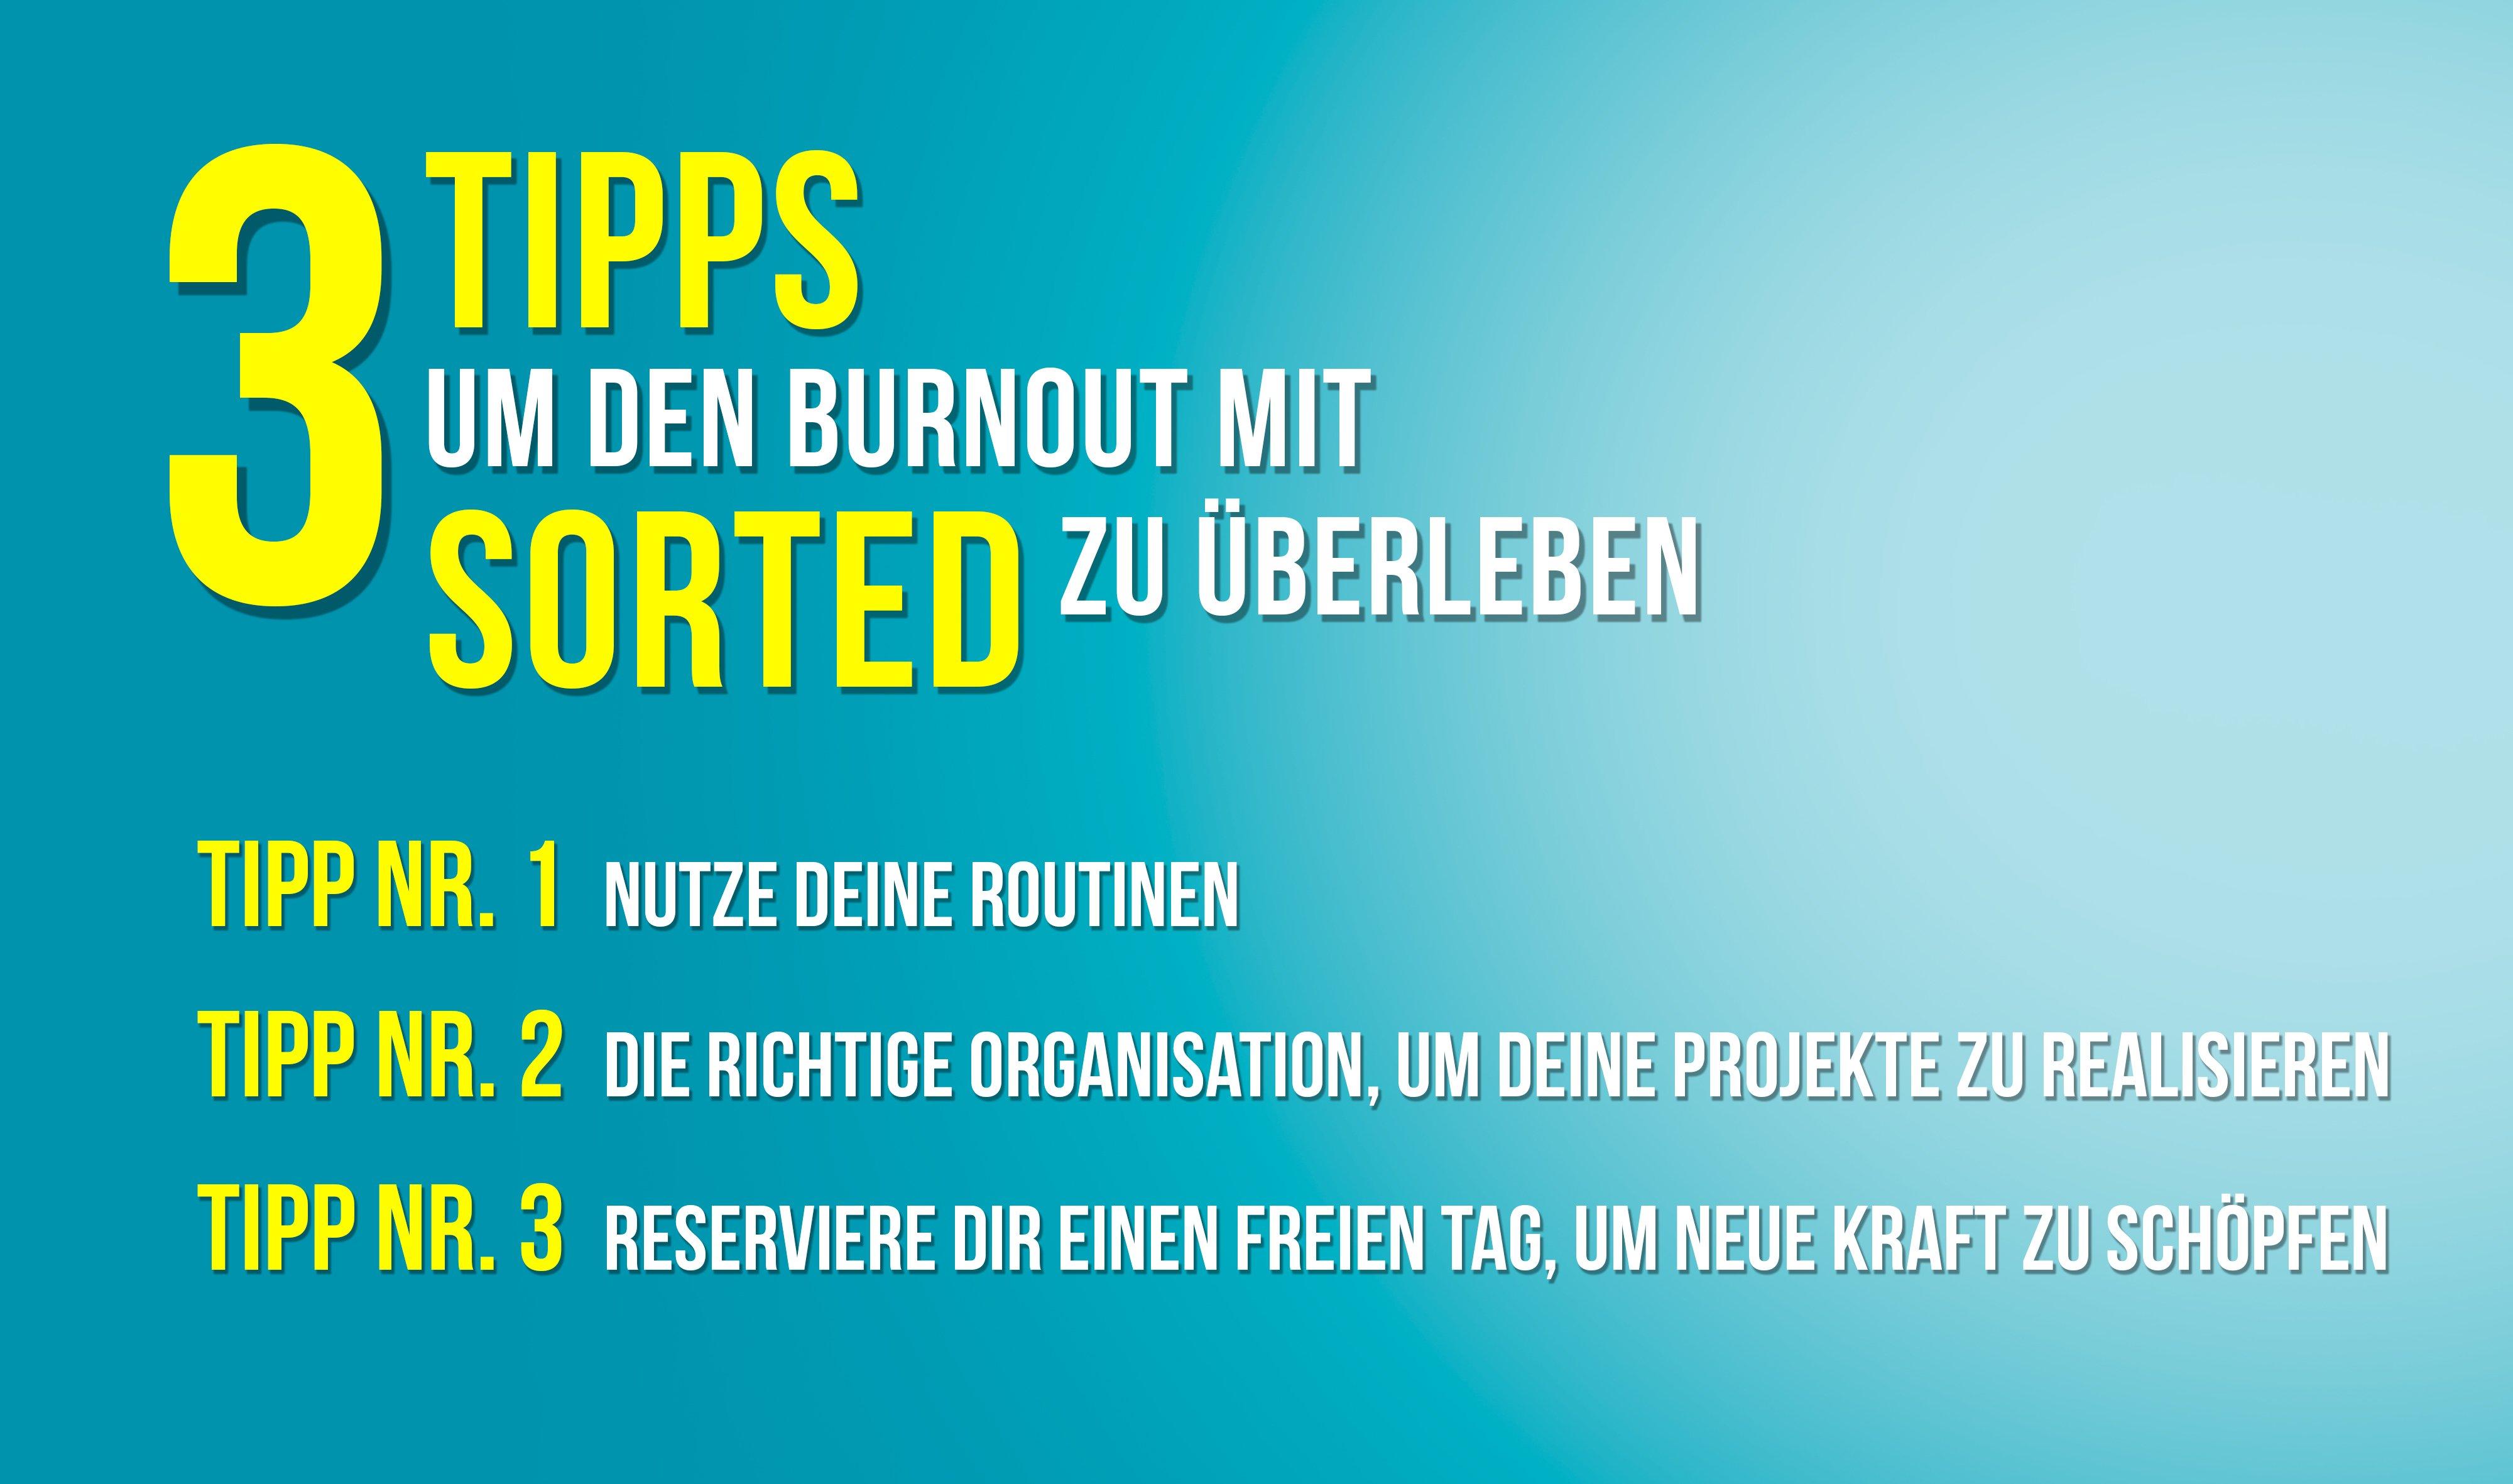 3 Tipps um den Burnout mit SORTED zu überleben